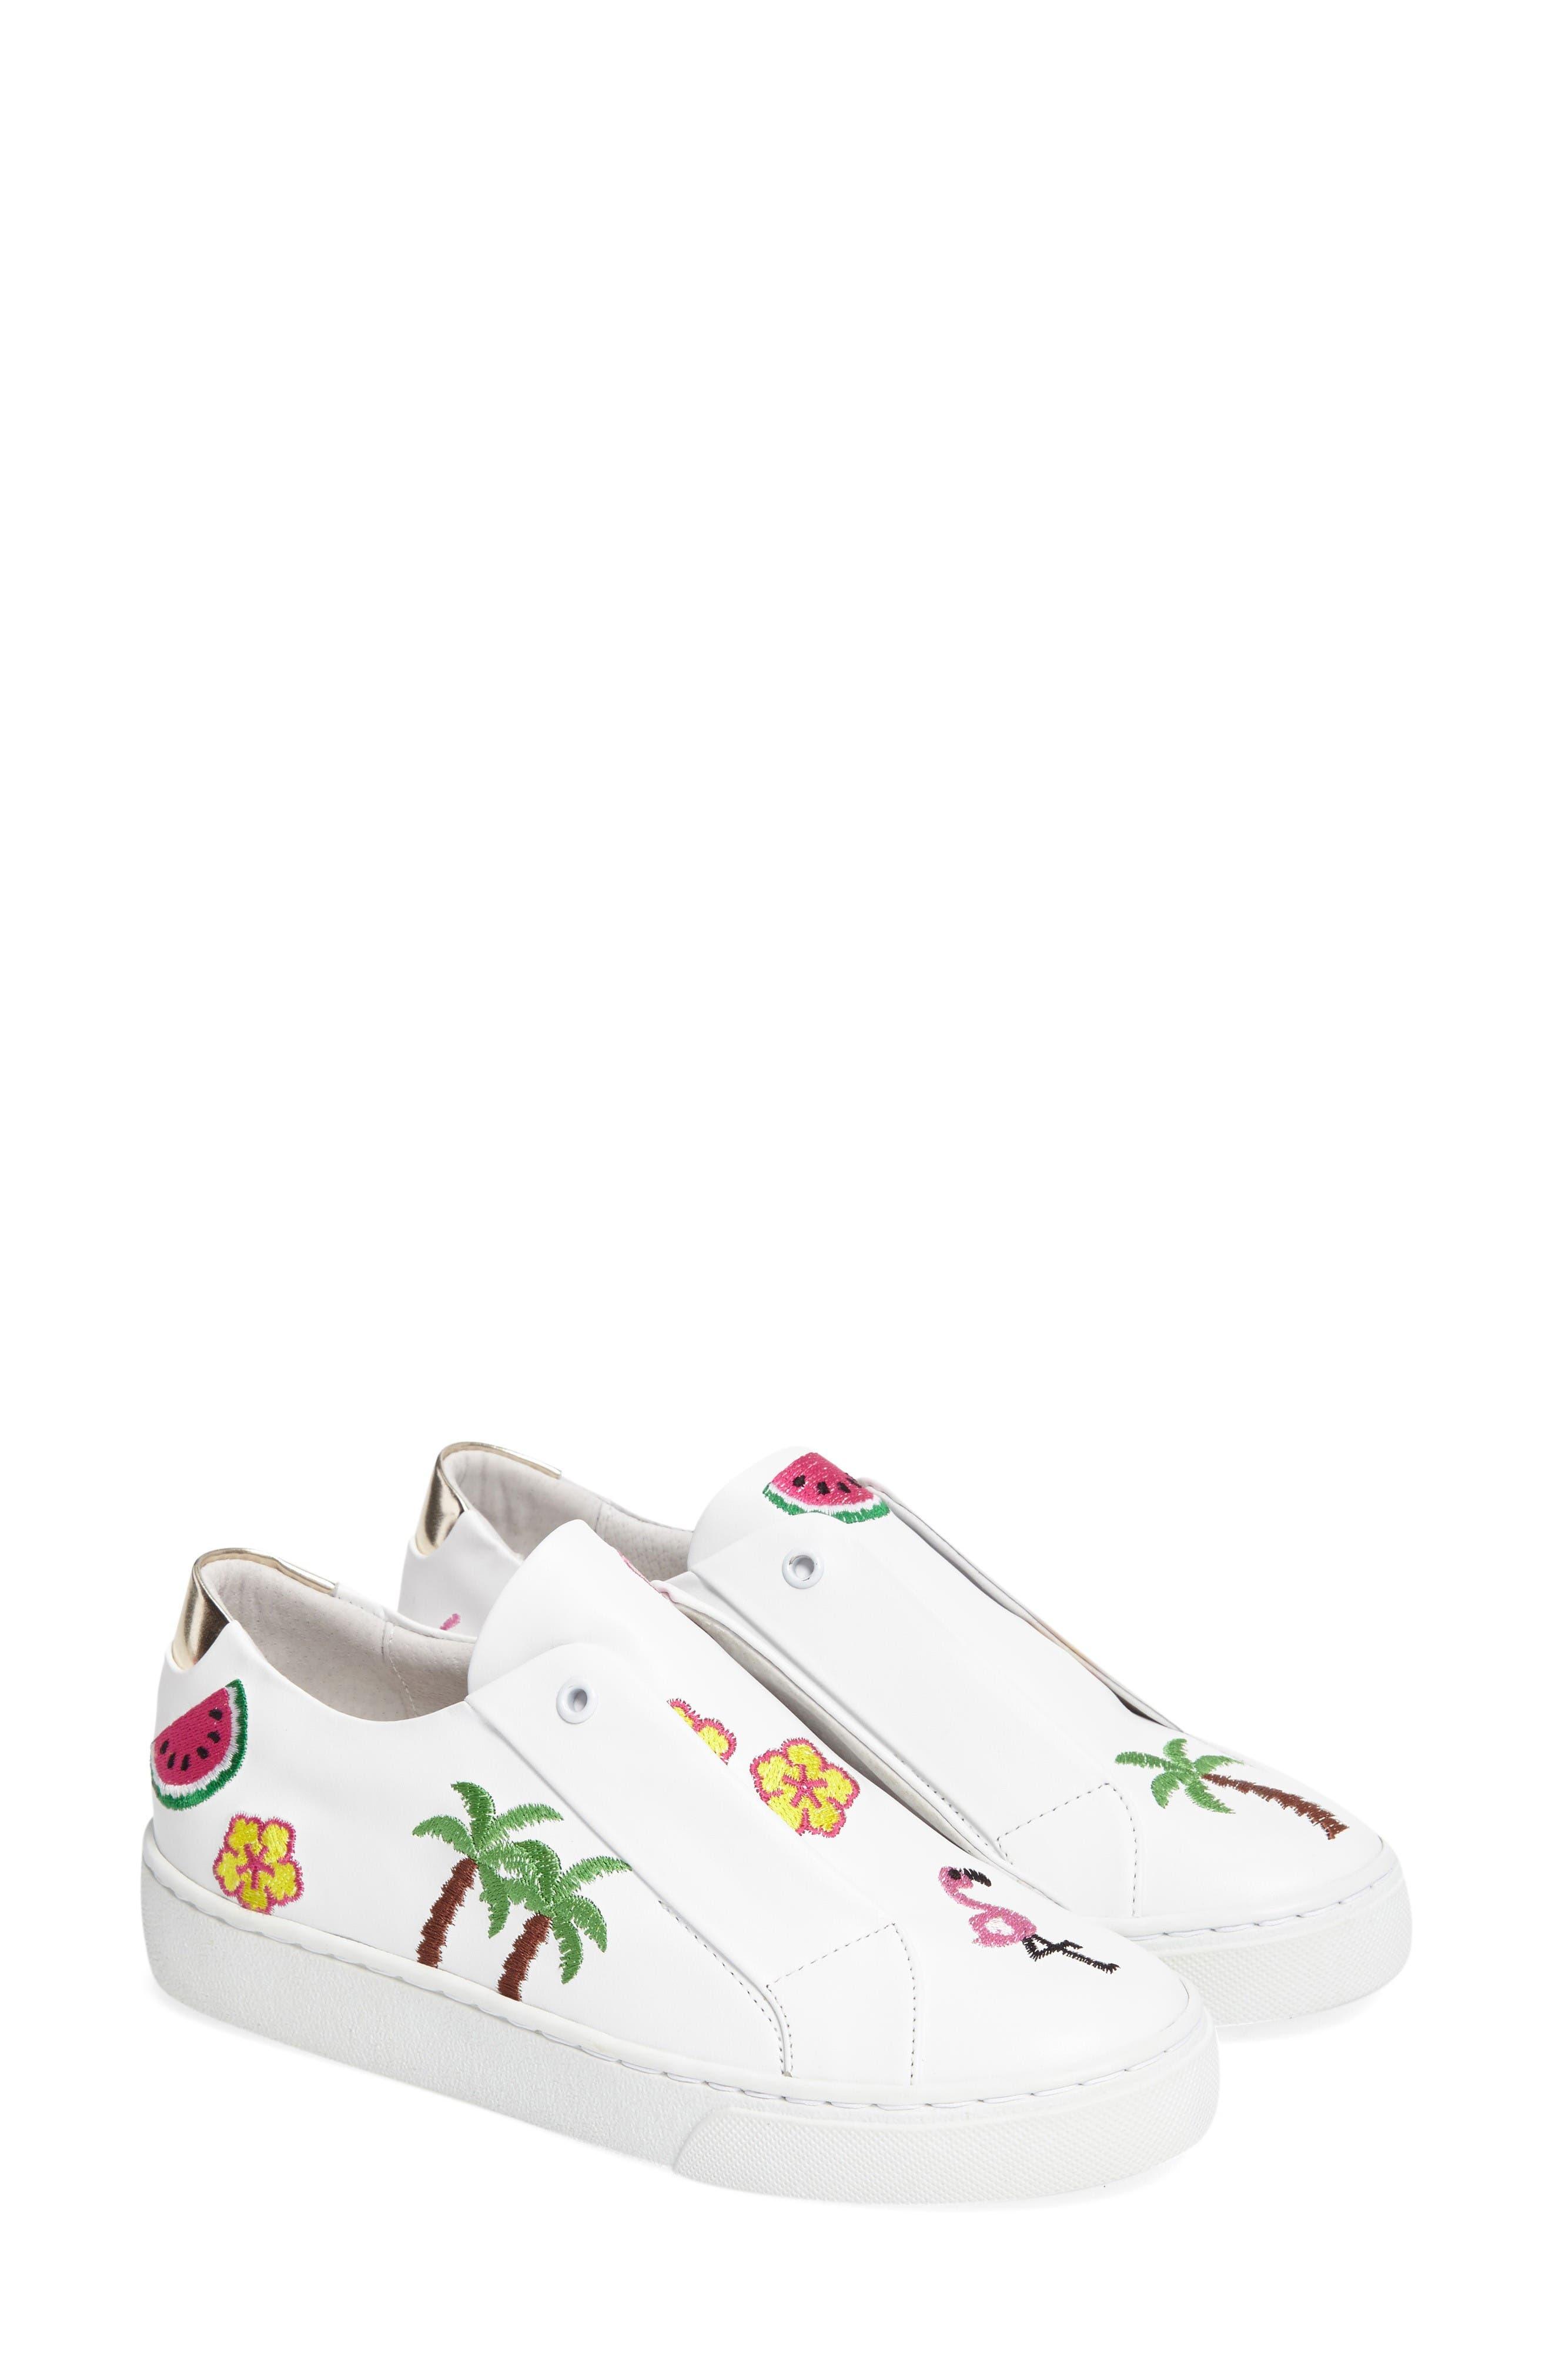 Kamea Slip-On Sneaker,                             Alternate thumbnail 2, color,                             White Leather/ Tropical